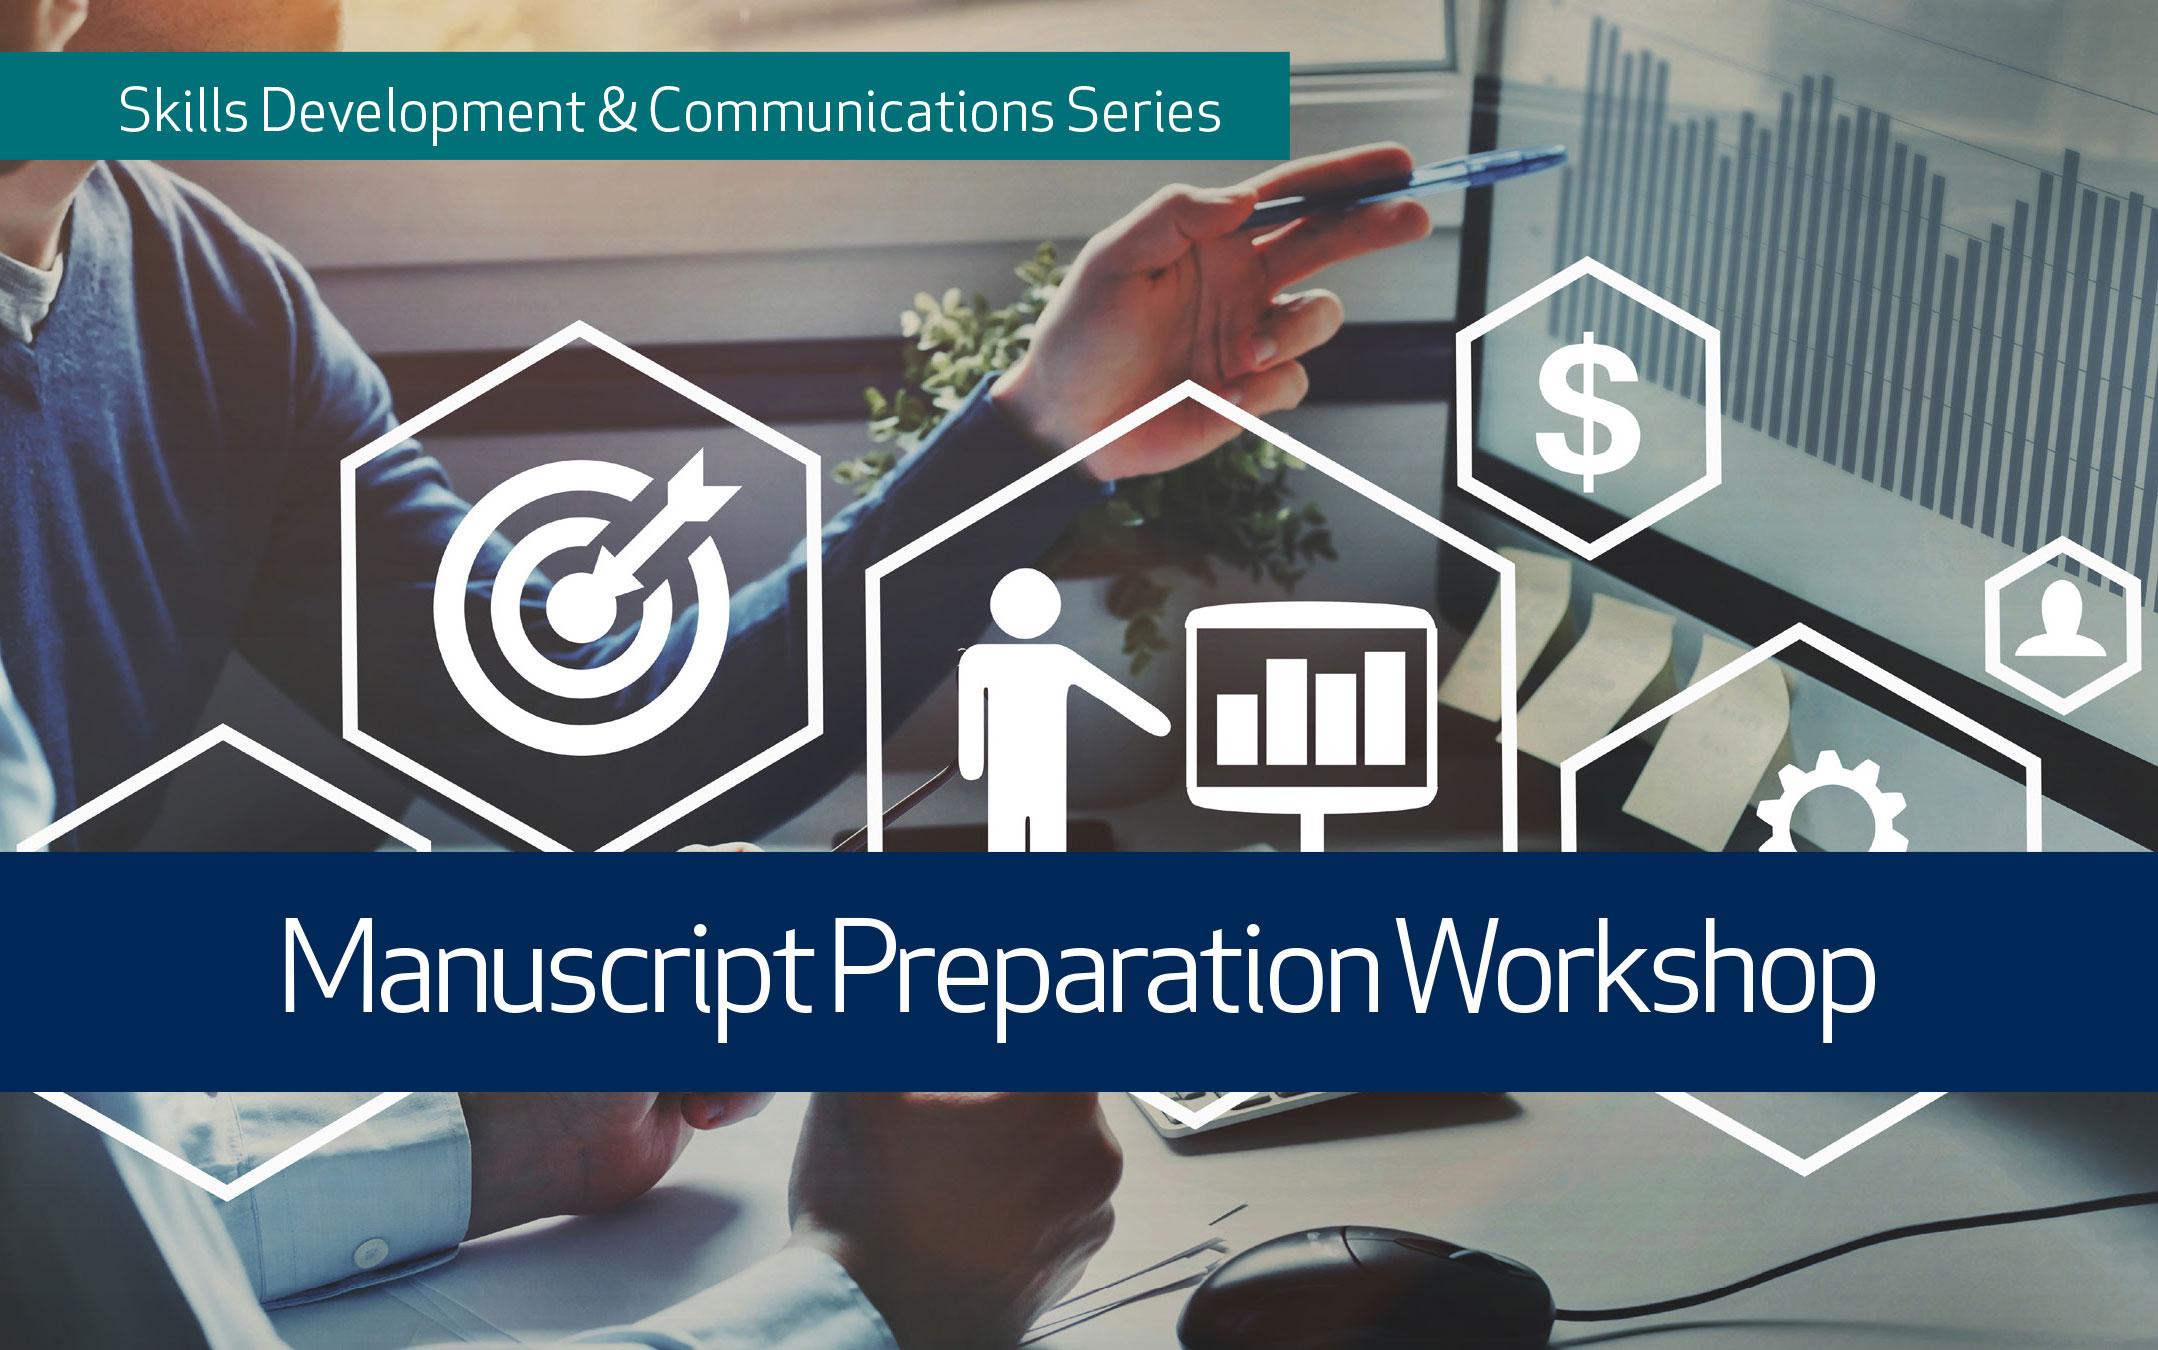 Manuscript-Preparation-Workshop_Cvent_518x324-new